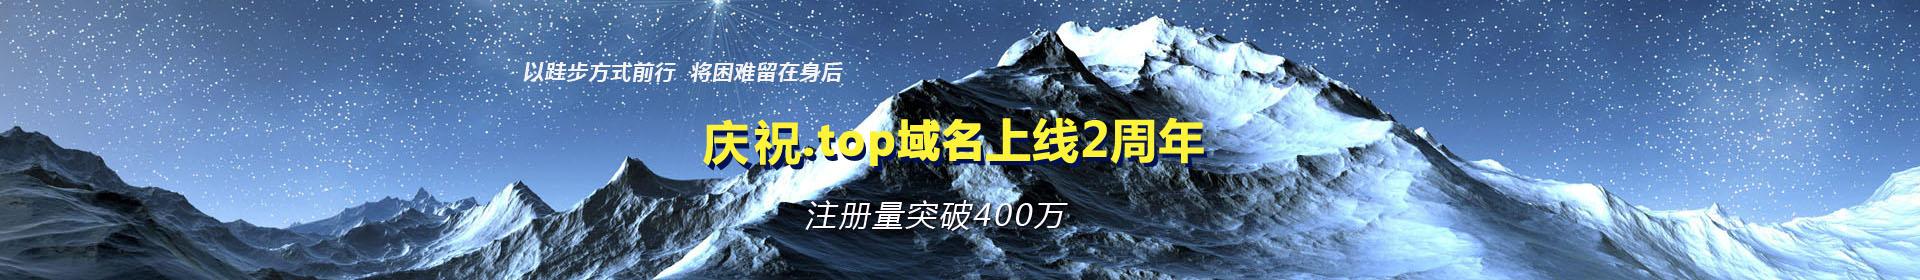 互易中国top2周年!